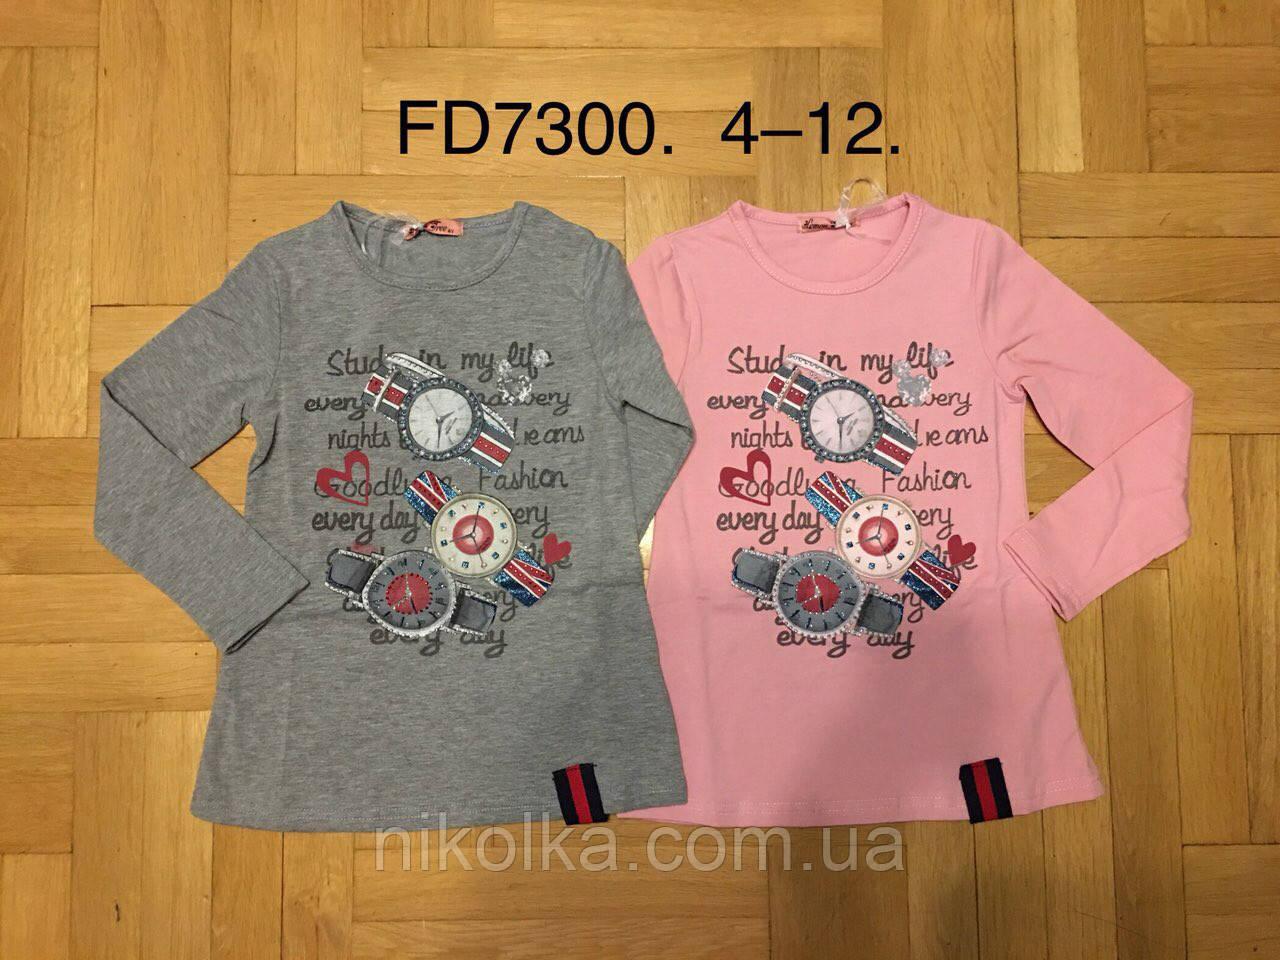 Реглан для девочек оптом, F&D, 4-12 лет., aрт.FD7300